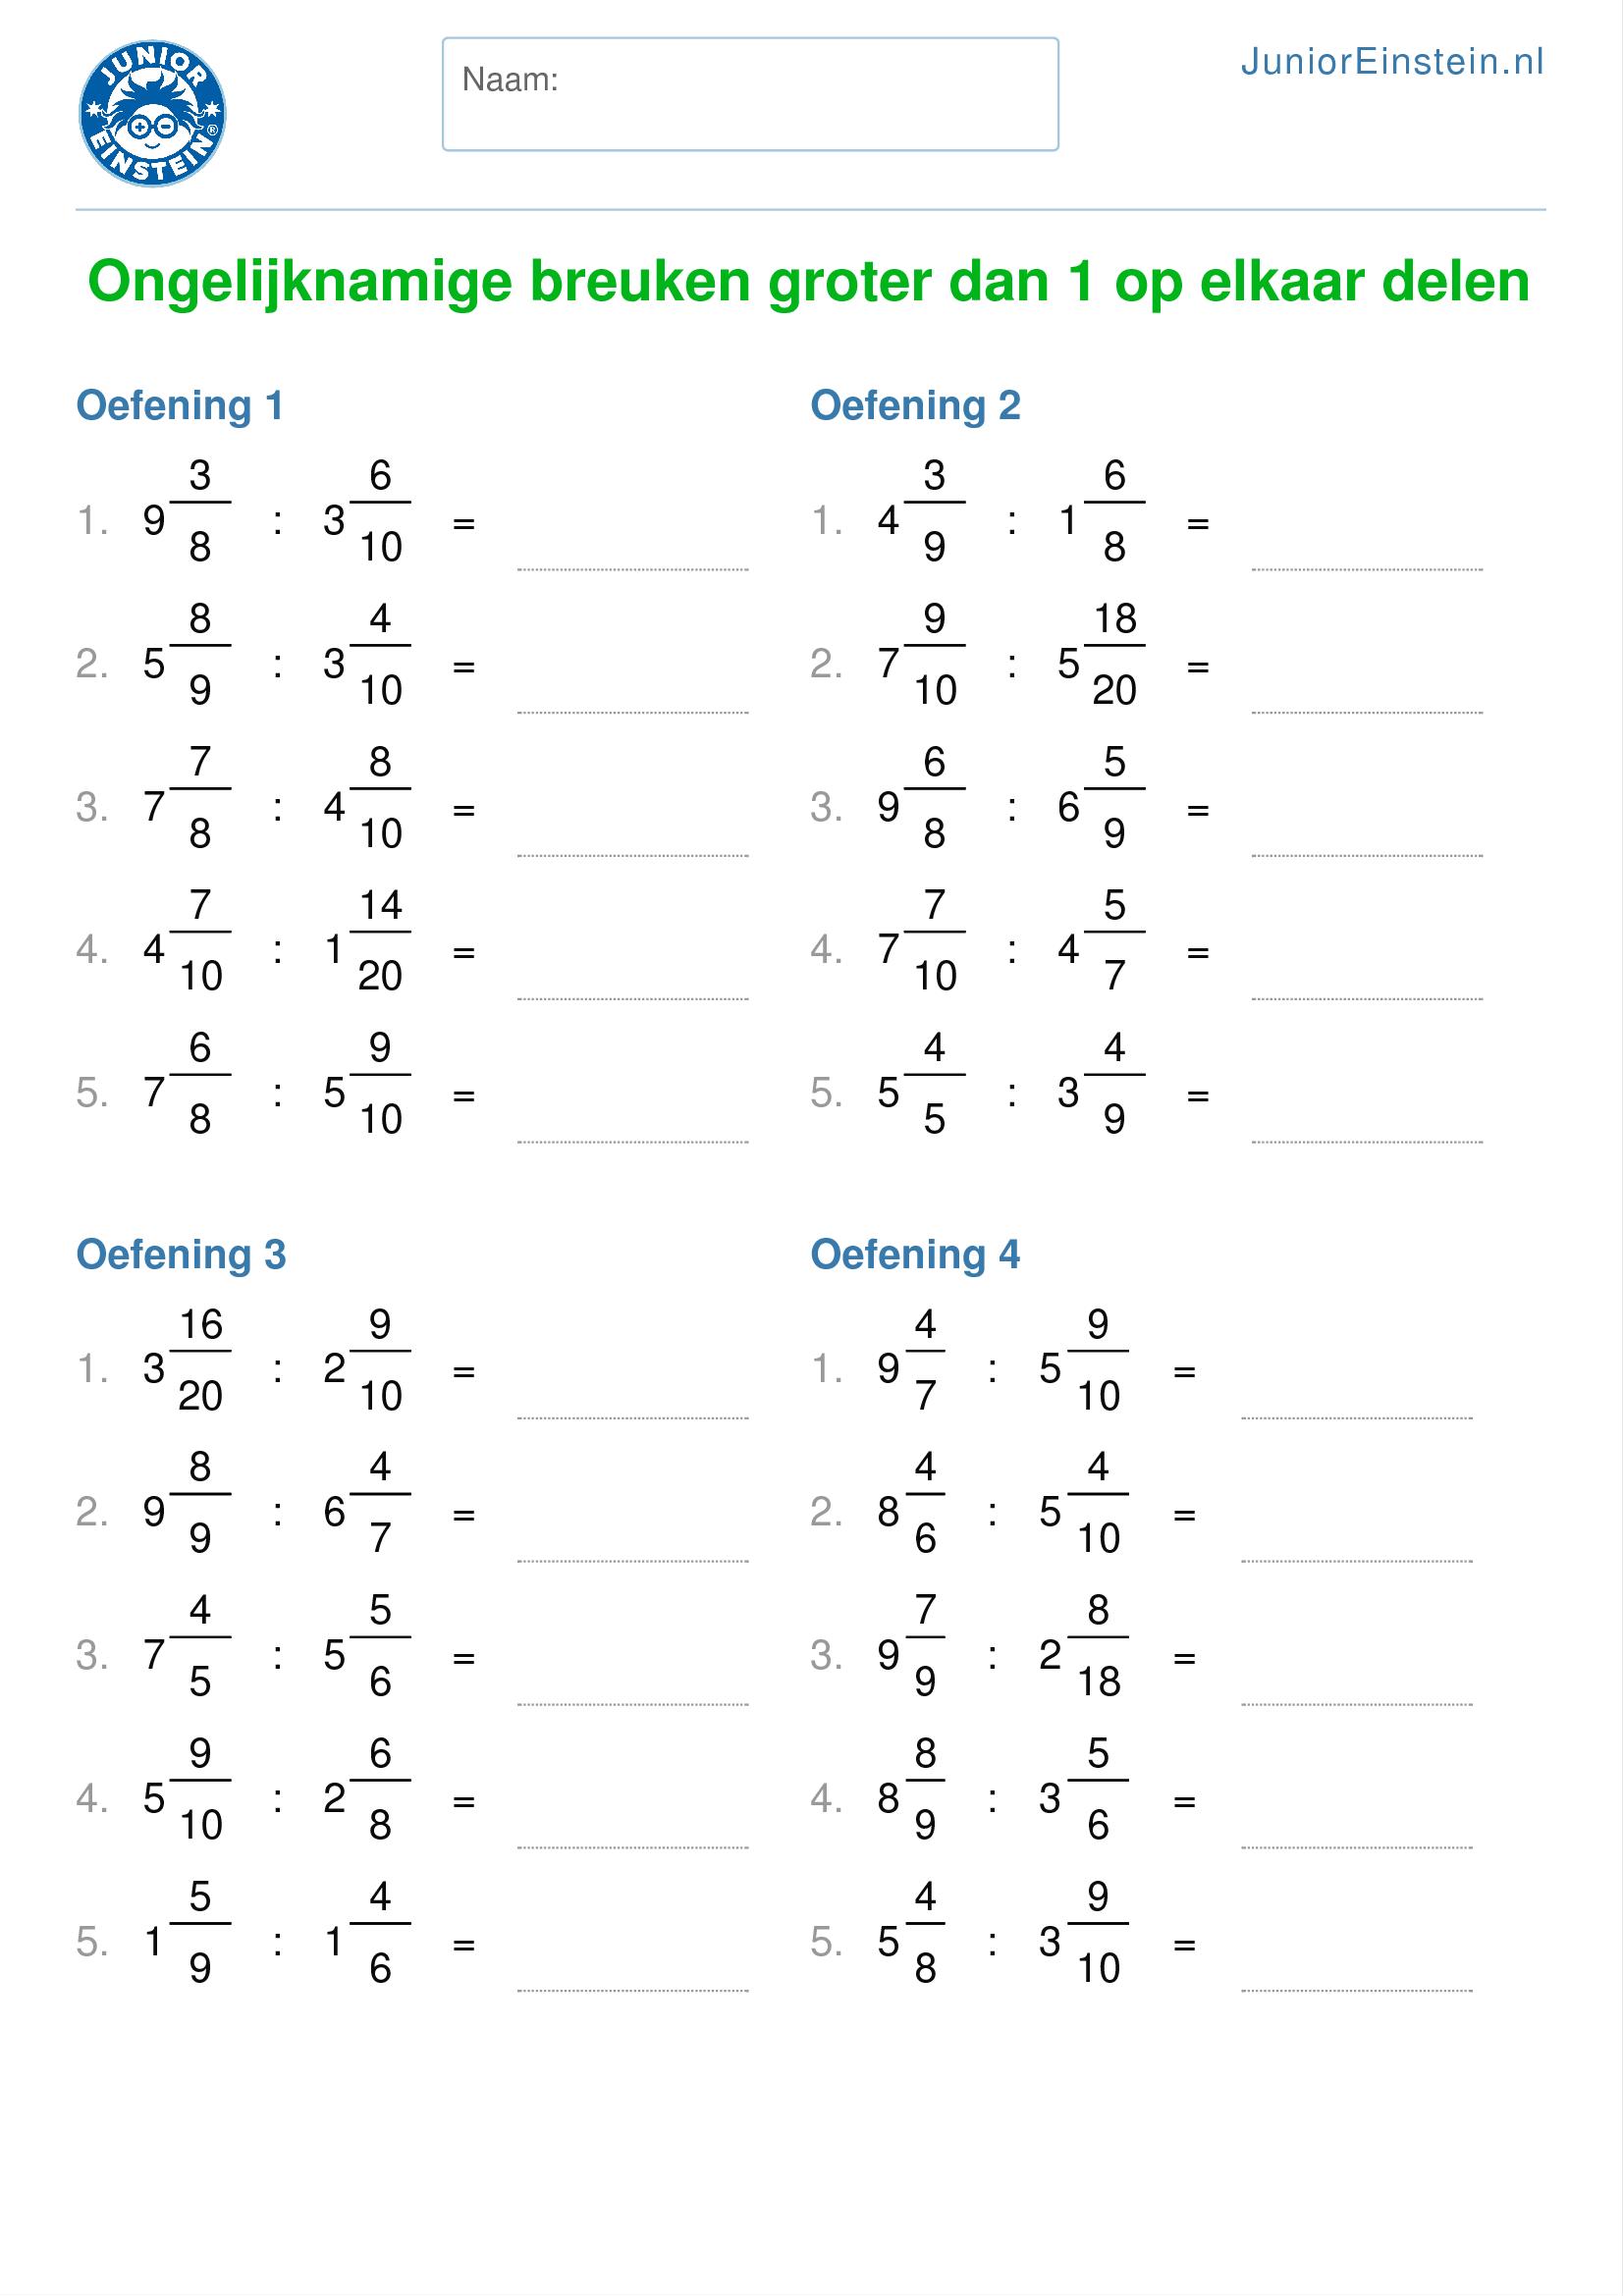 werkblad ongelijknamige breuken groter dan 1 op elkaar